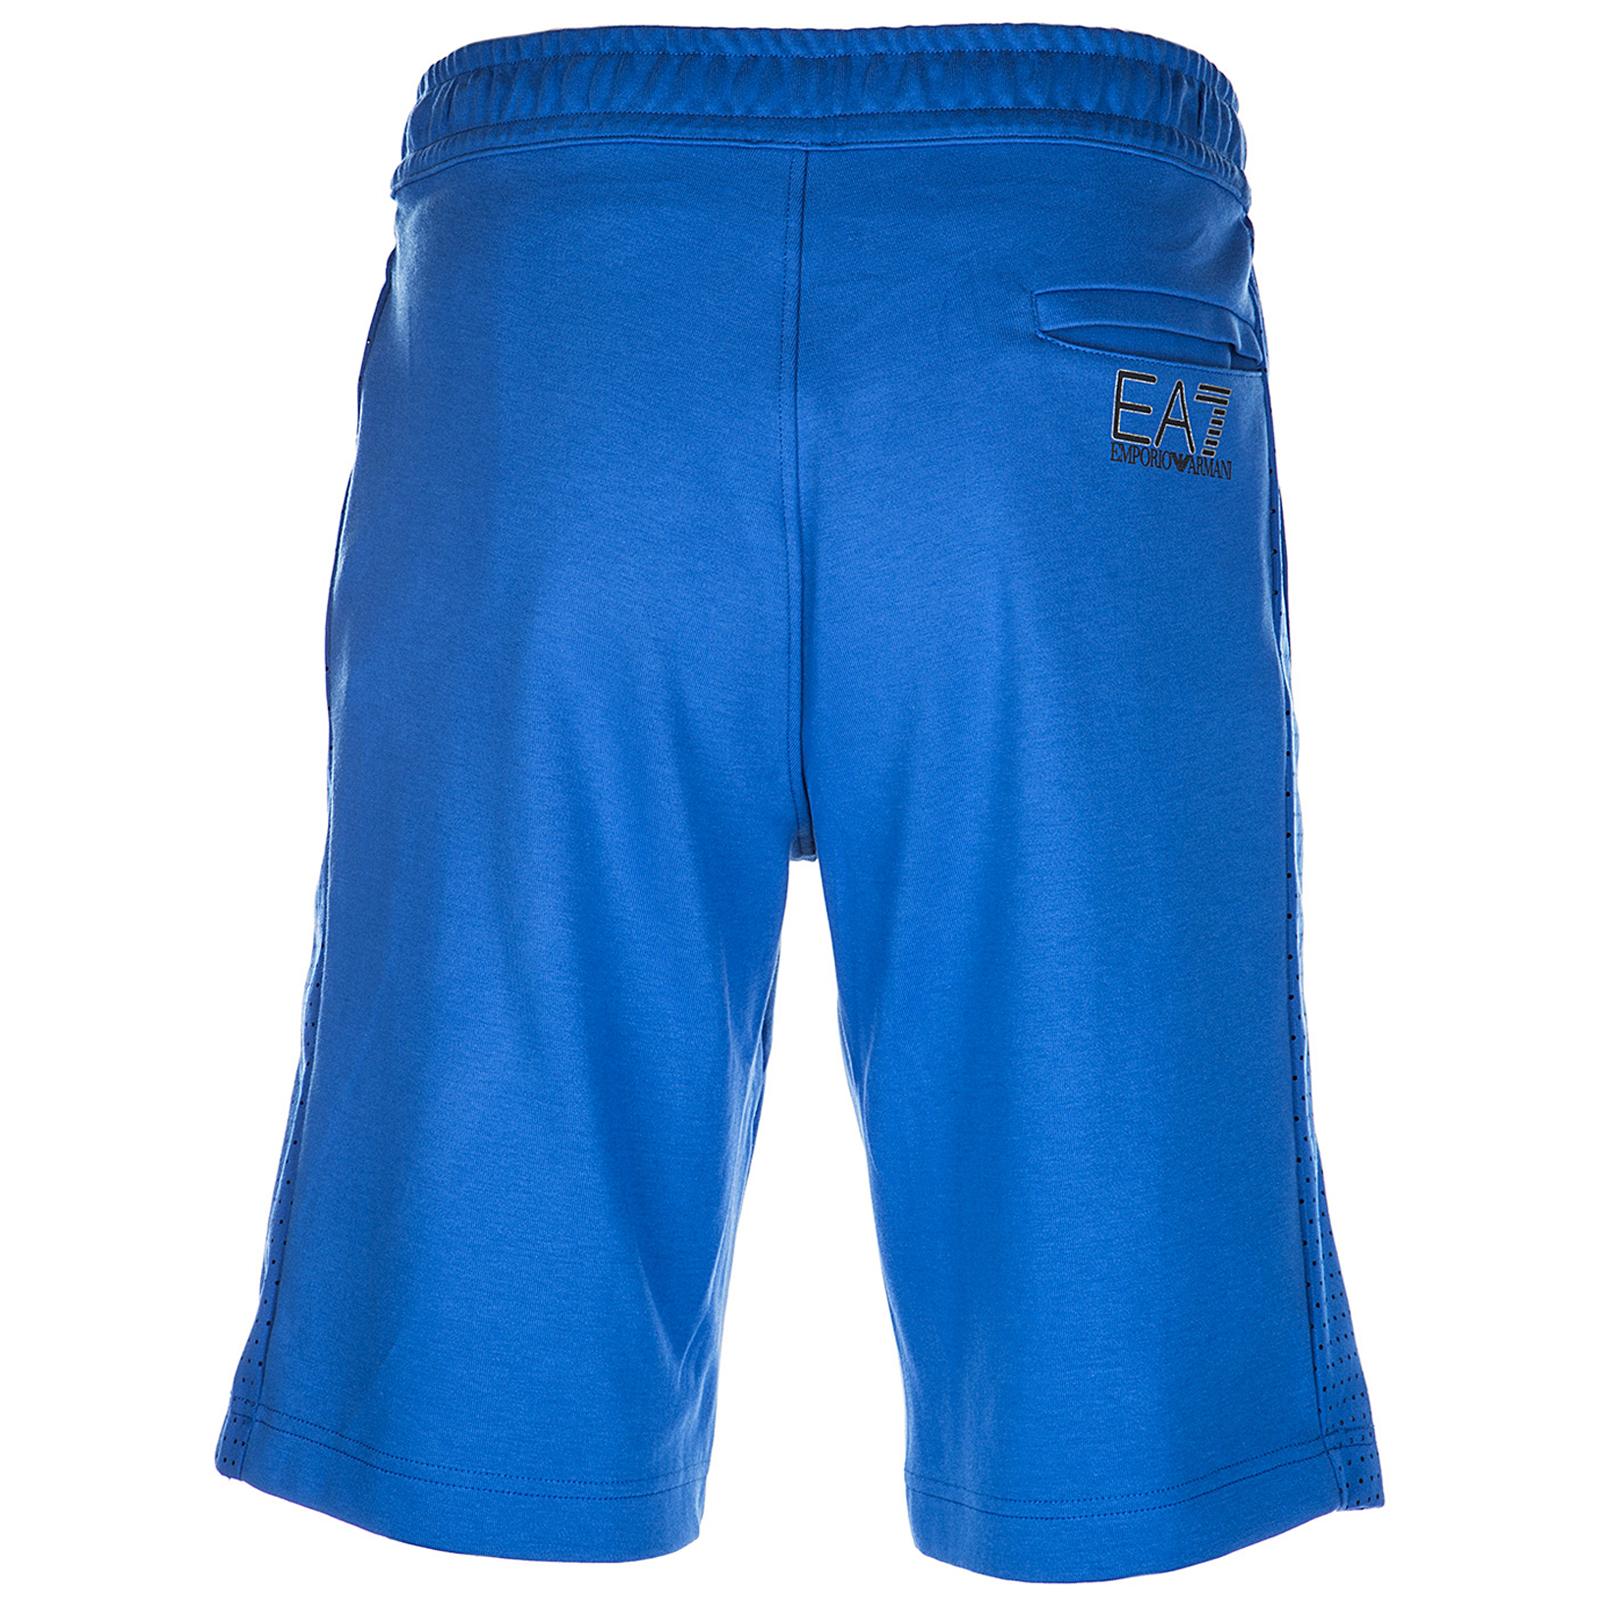 Bermudas de hombre pantalones corto shorts